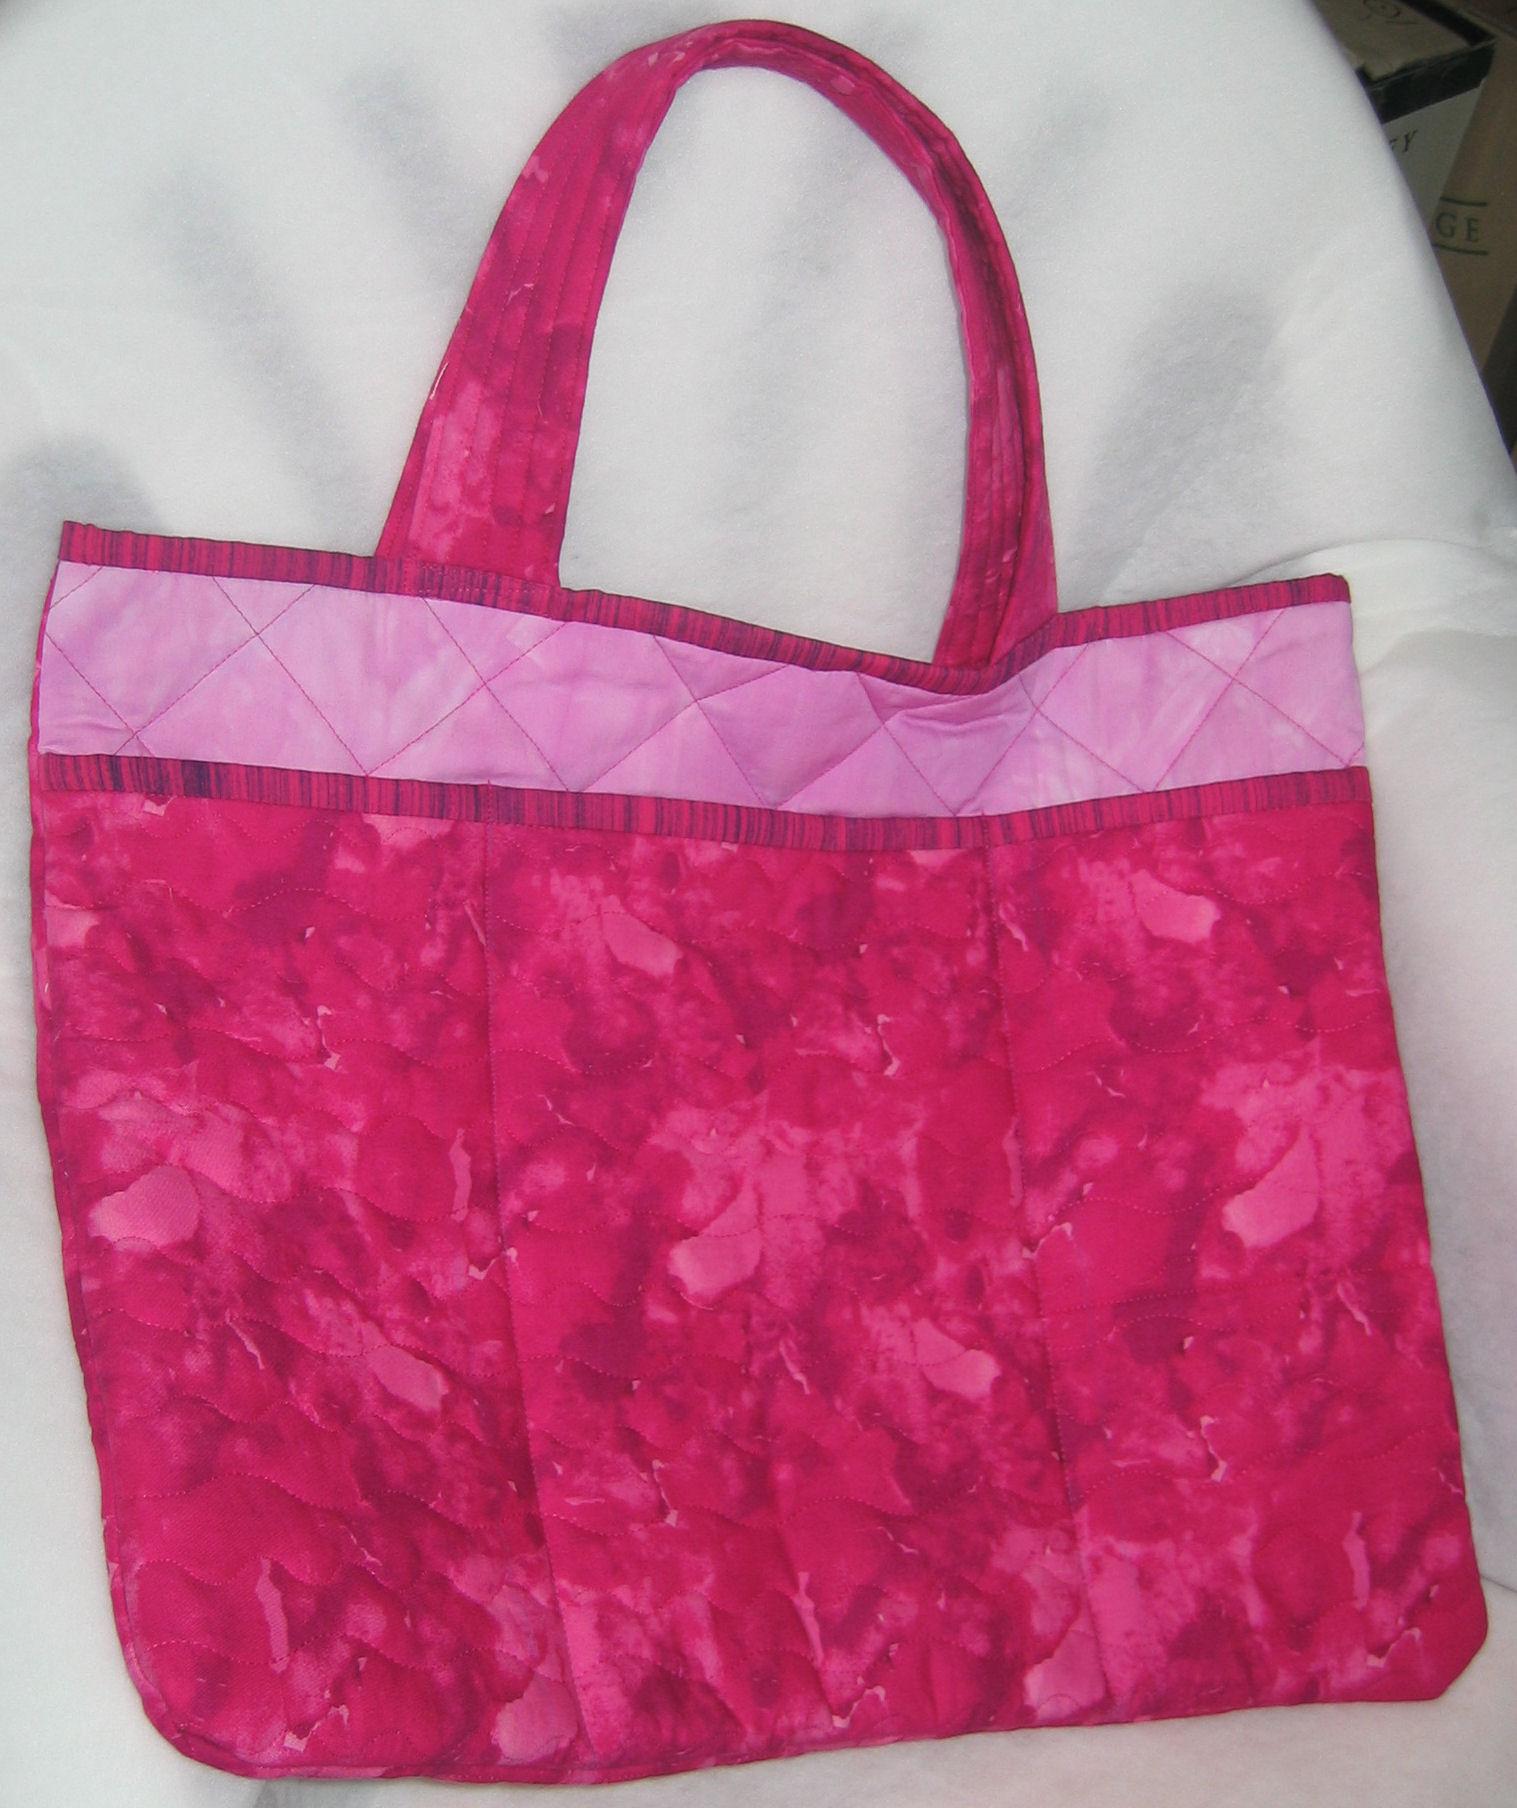 Very pink laptop bag